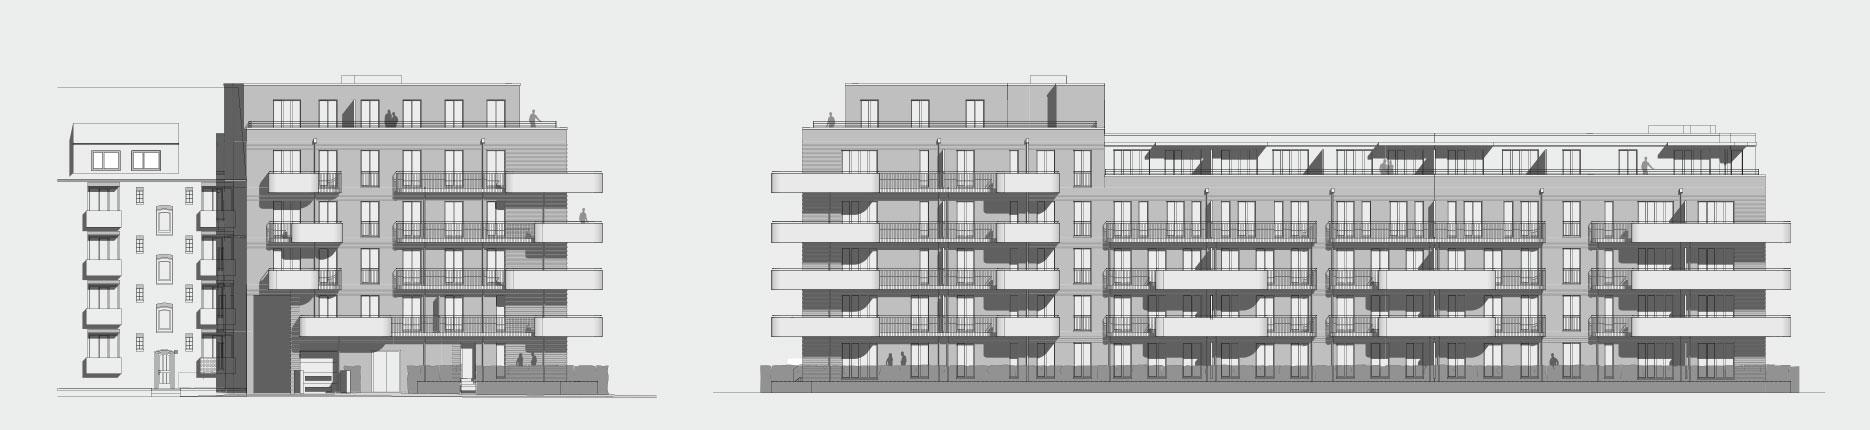 Architekturzeichnung - Diese Zeichnung zeigt ein Bauprojekt für Kapitalanleger in Hamburg Barmbek.